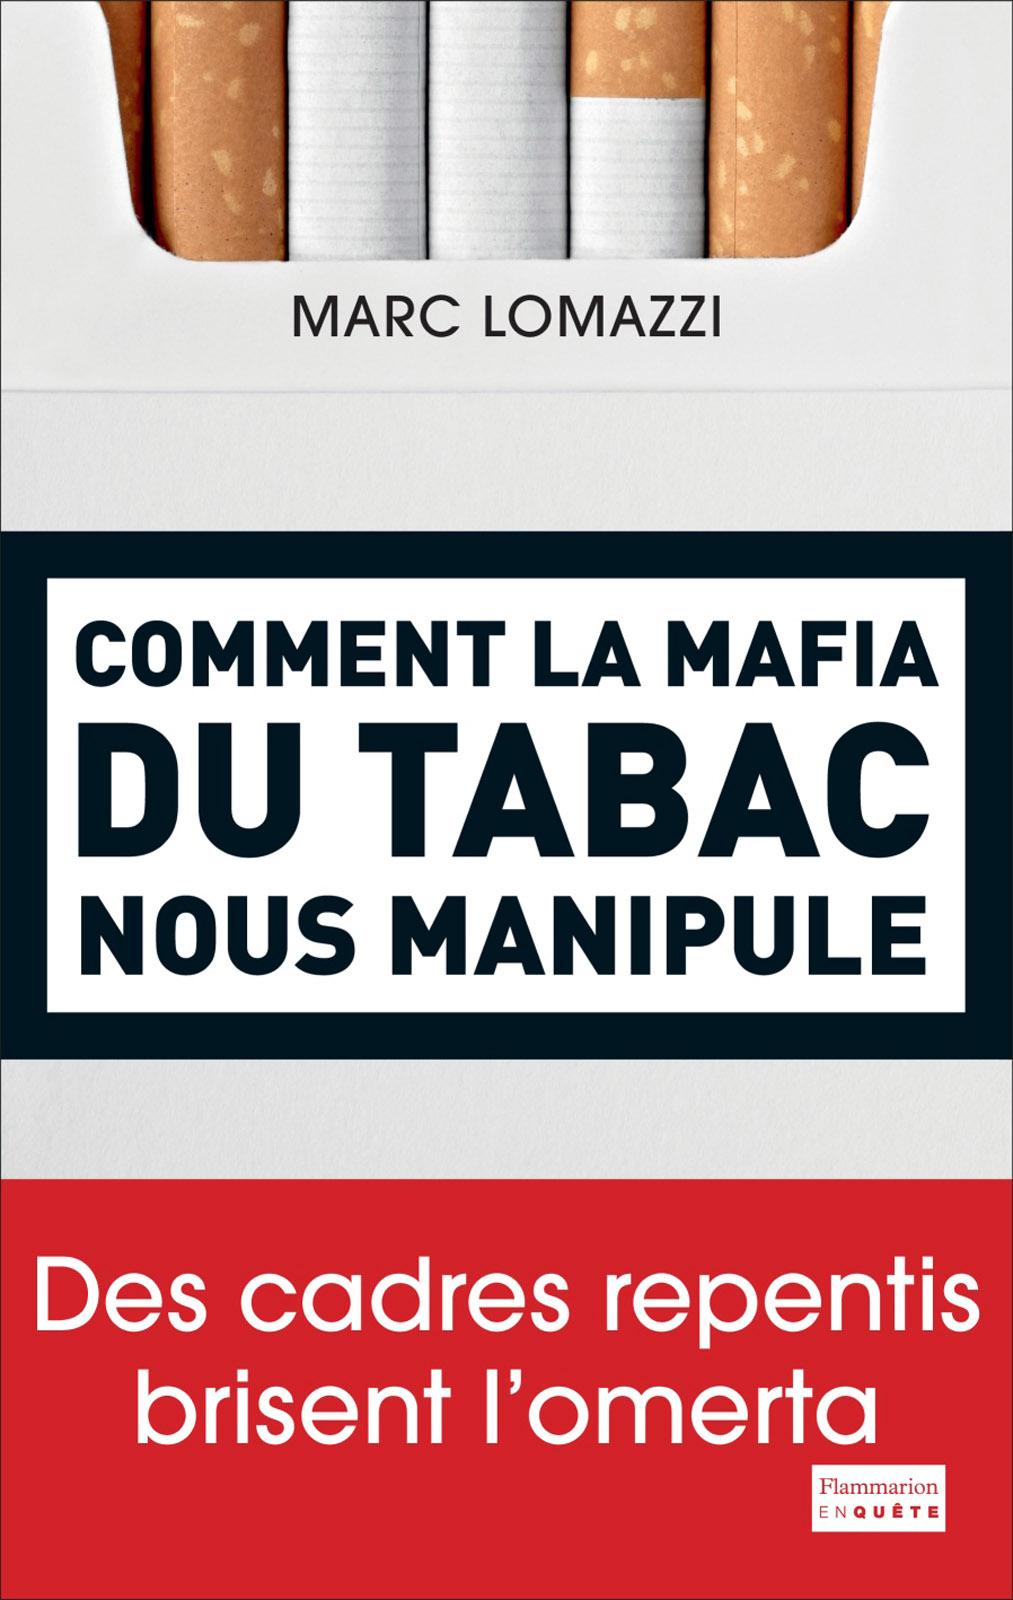 Livre Marc Lomazzi